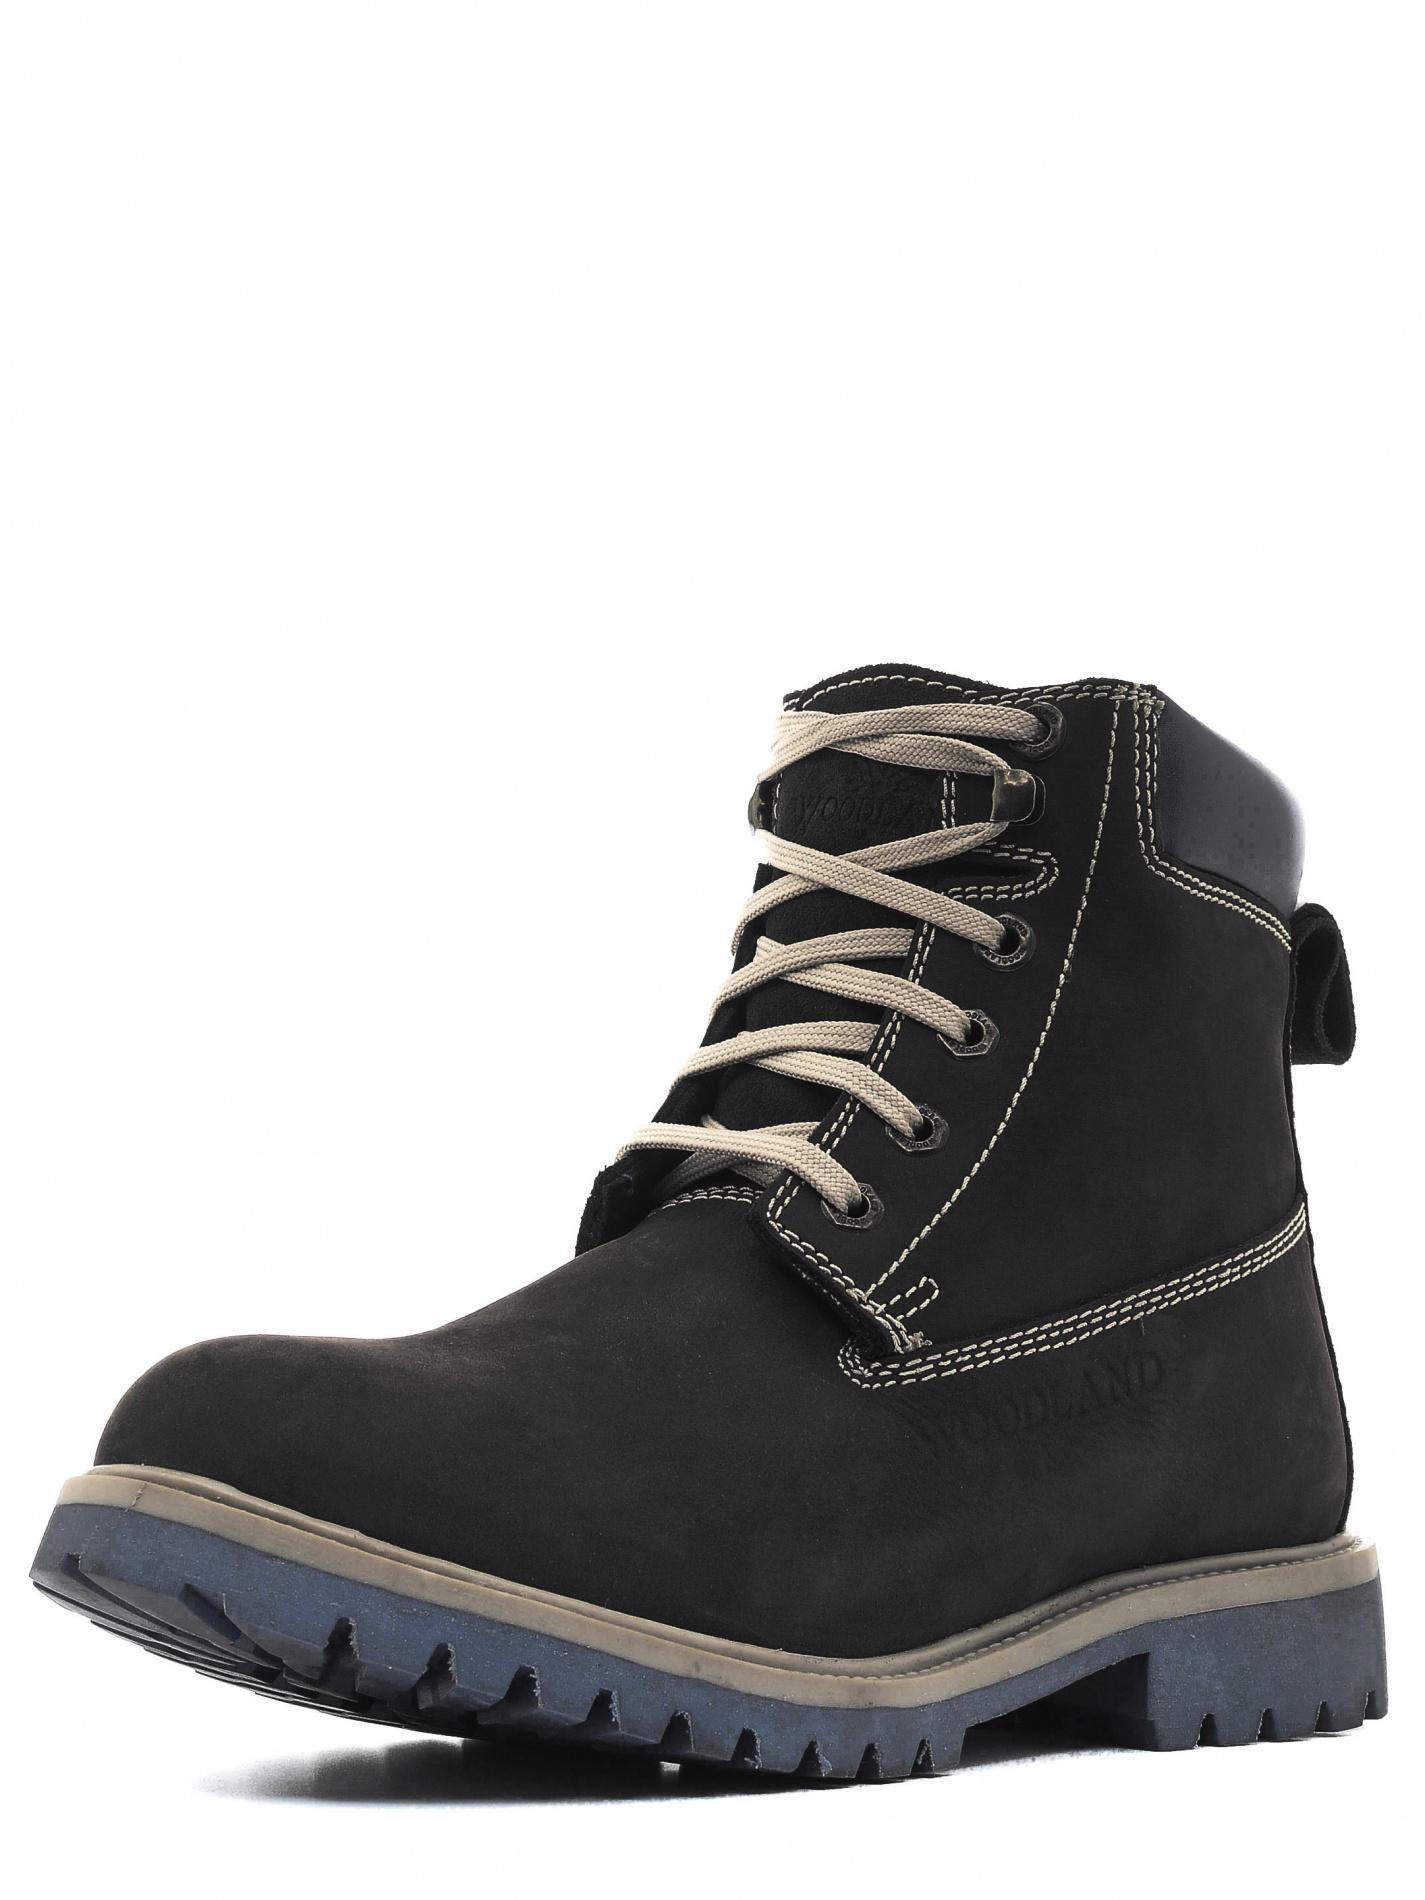 Ботинки мужские, треккинговые, чёрные GB1276113F Ботинки для трекинга<br>Удобные высокие ботинки из натурального <br>нубука. Комфортная, теплая подкладка и мягкая <br>стелька из искусственного меха согревают <br>ноги в сырую и холодную погоду. Гибкая, износостойкая <br>подошва из термопластичной резины (ТПР) <br>обладает противоскользящими свойствами <br>и устойчива к перепадам температур. Протектор <br>подошвы предотвращает скольжение. На заднике <br>модели - специальная петля для удобства <br>надевани<br><br>Пол: мужской<br>Размер: 41<br>Сезон: демисезонный<br>Цвет: черный